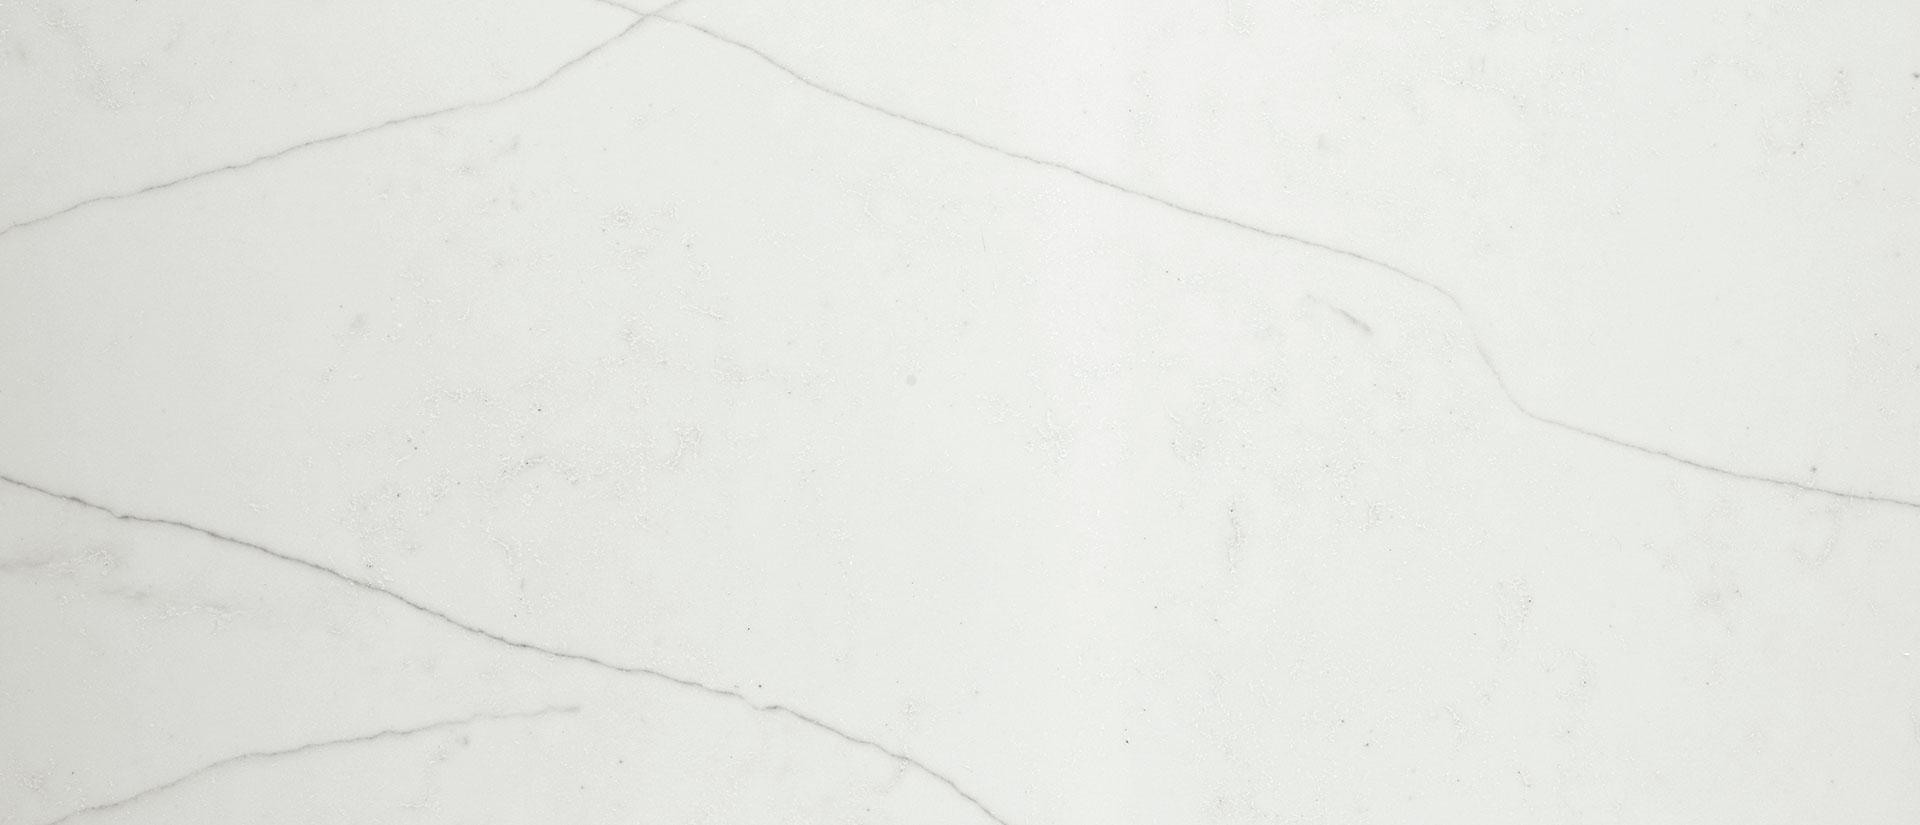 Calacatta Clara Quartz Slab Countertops Q Premium